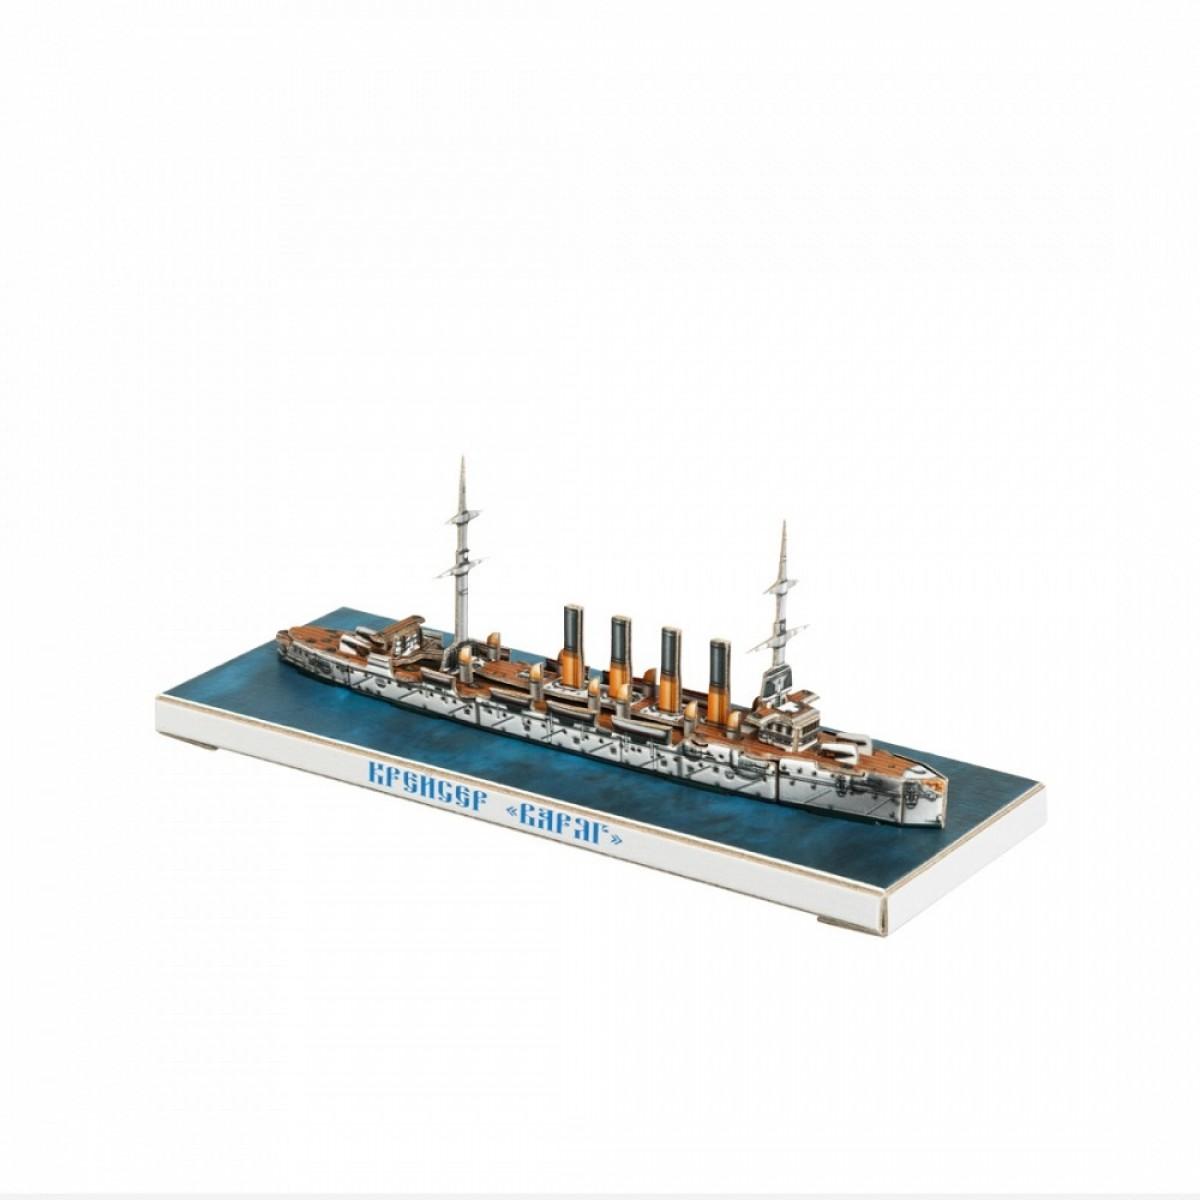 Купить сборная модель из картона Крейсер Варяг, цены в Москве на goods.ru